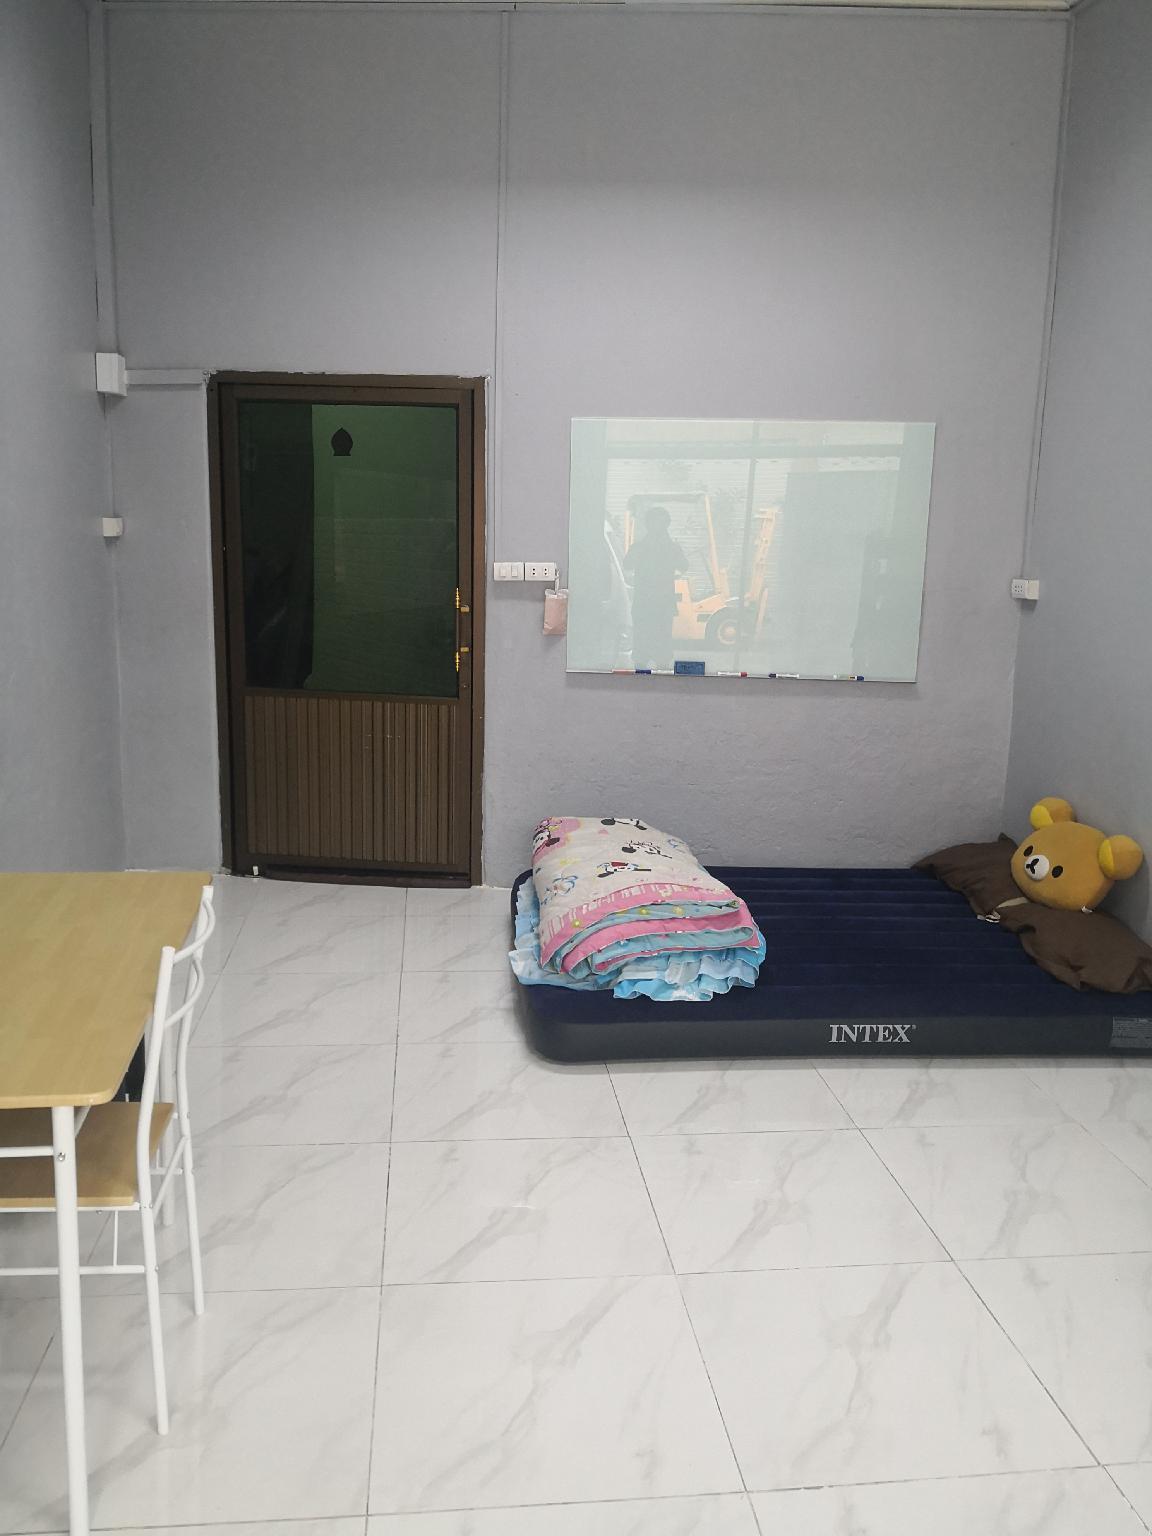 A Private room for 1 with an air bed in BKK สตูดิโอ บ้านเดี่ยว 0 ห้องน้ำส่วนตัว ขนาด 20 ตร.ม. – ริมแม่น้ำกรุงเทพ